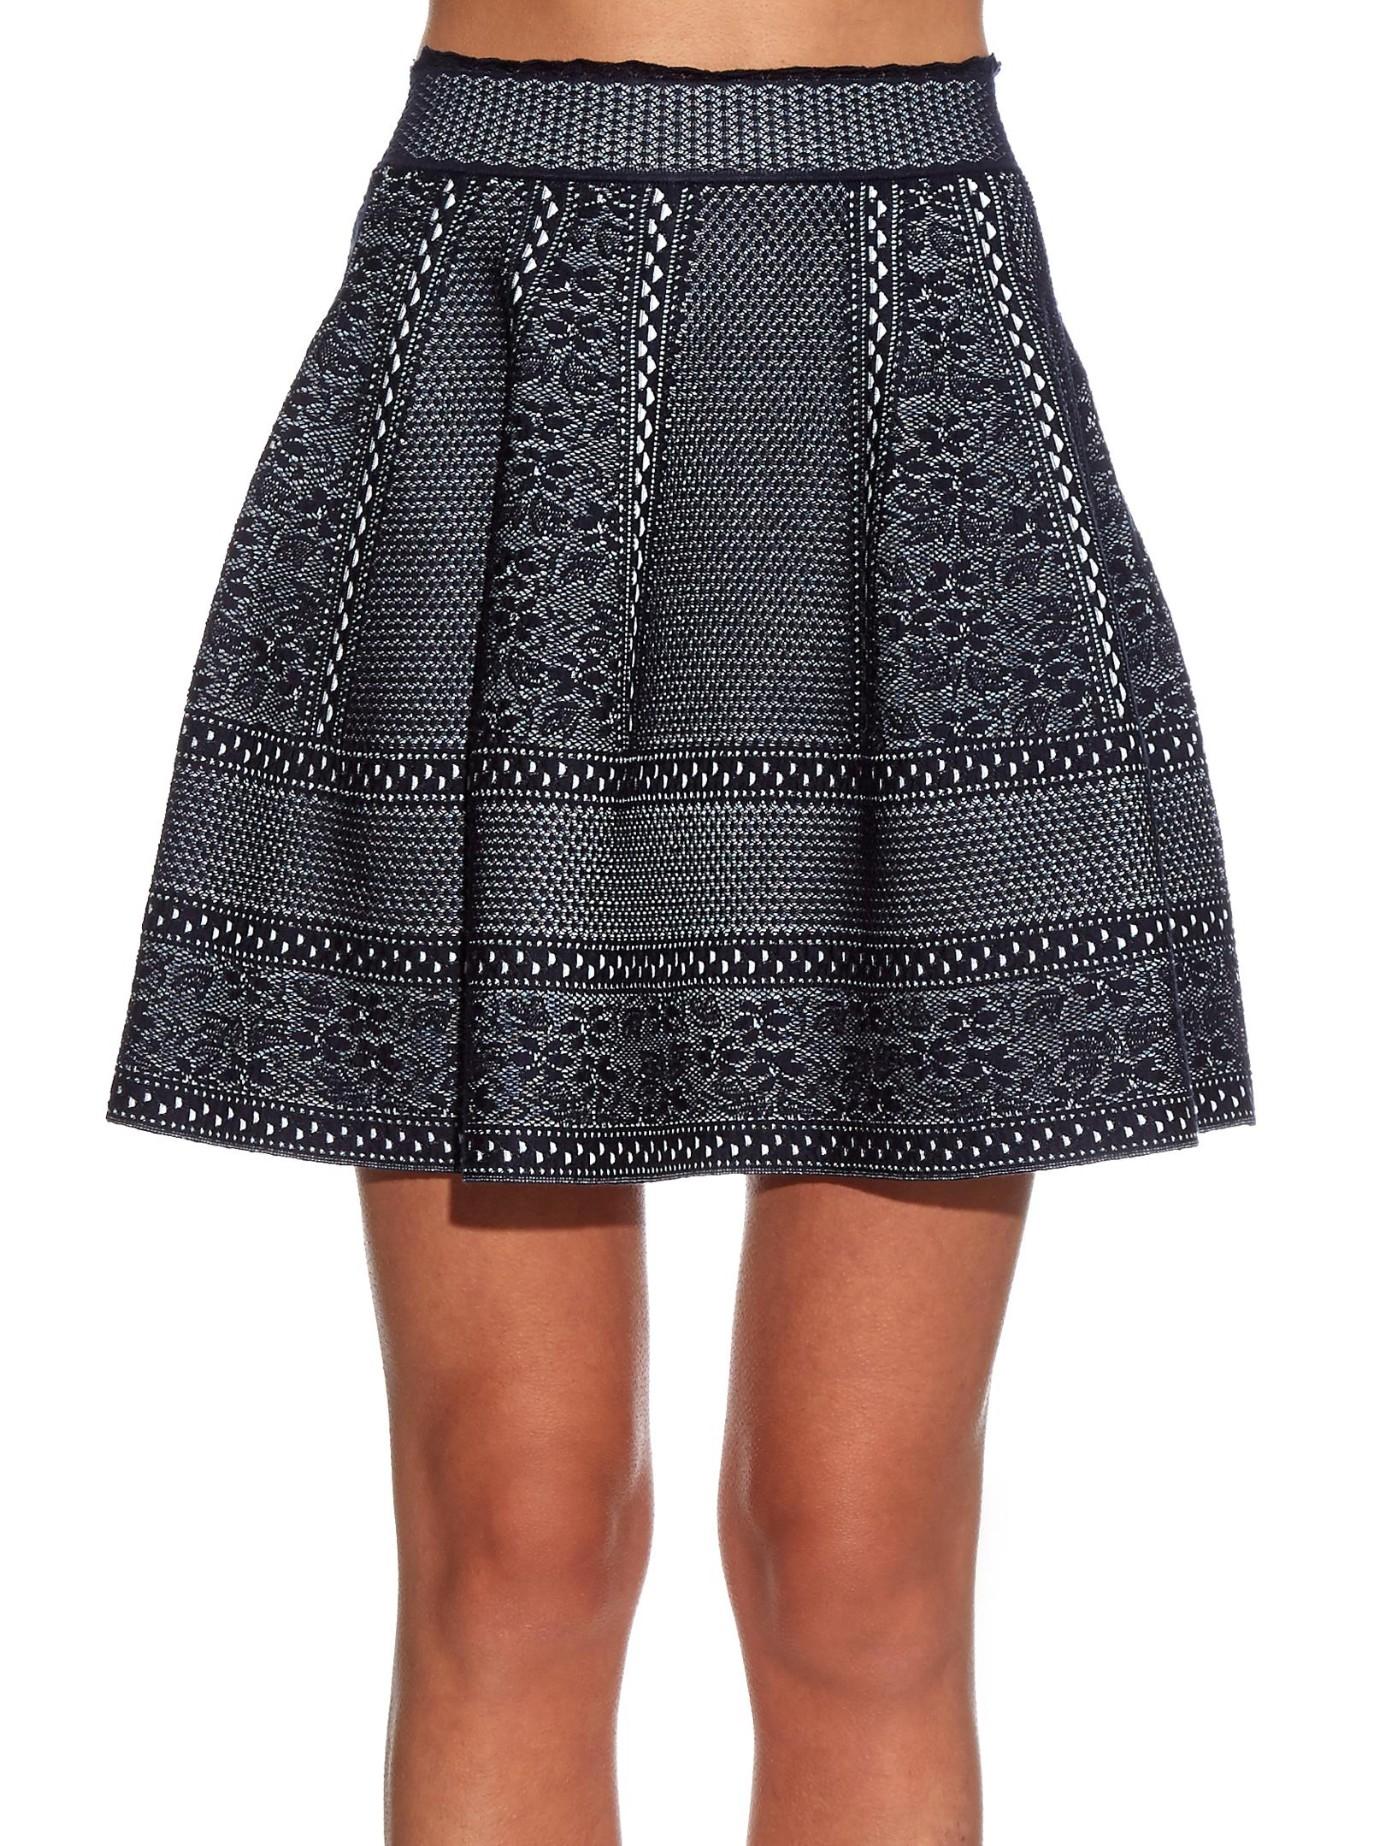 Alexander mcqueen High-waisted A-line Skirt in Blue | Lyst